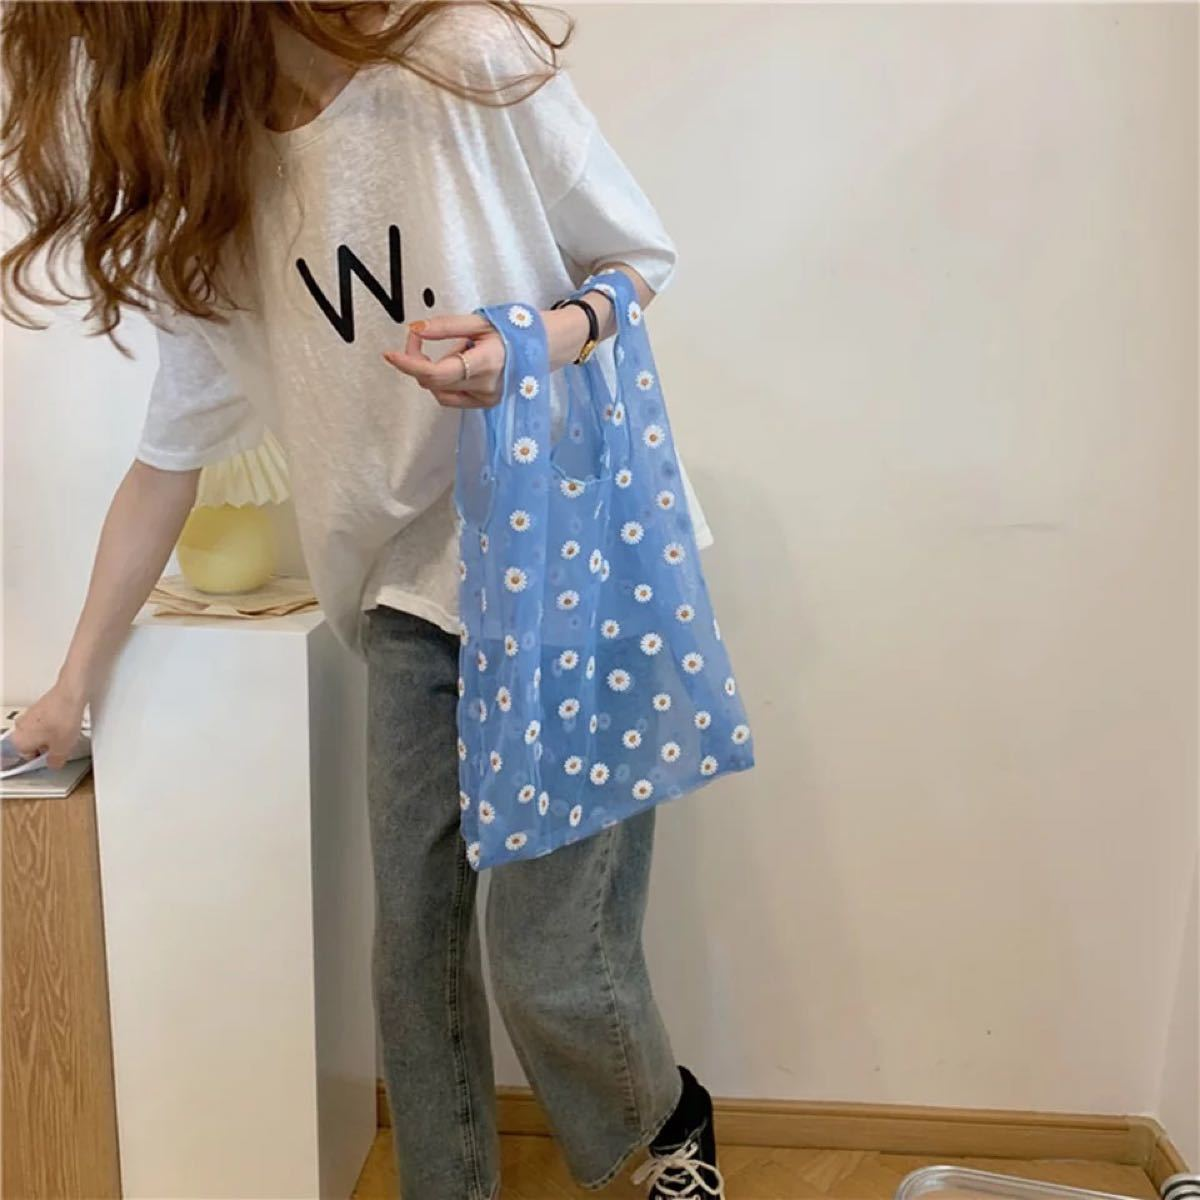 エコバッグ 刺繍 チュール 買い物袋 レジ袋 ショッピングバッグ マルシェバック